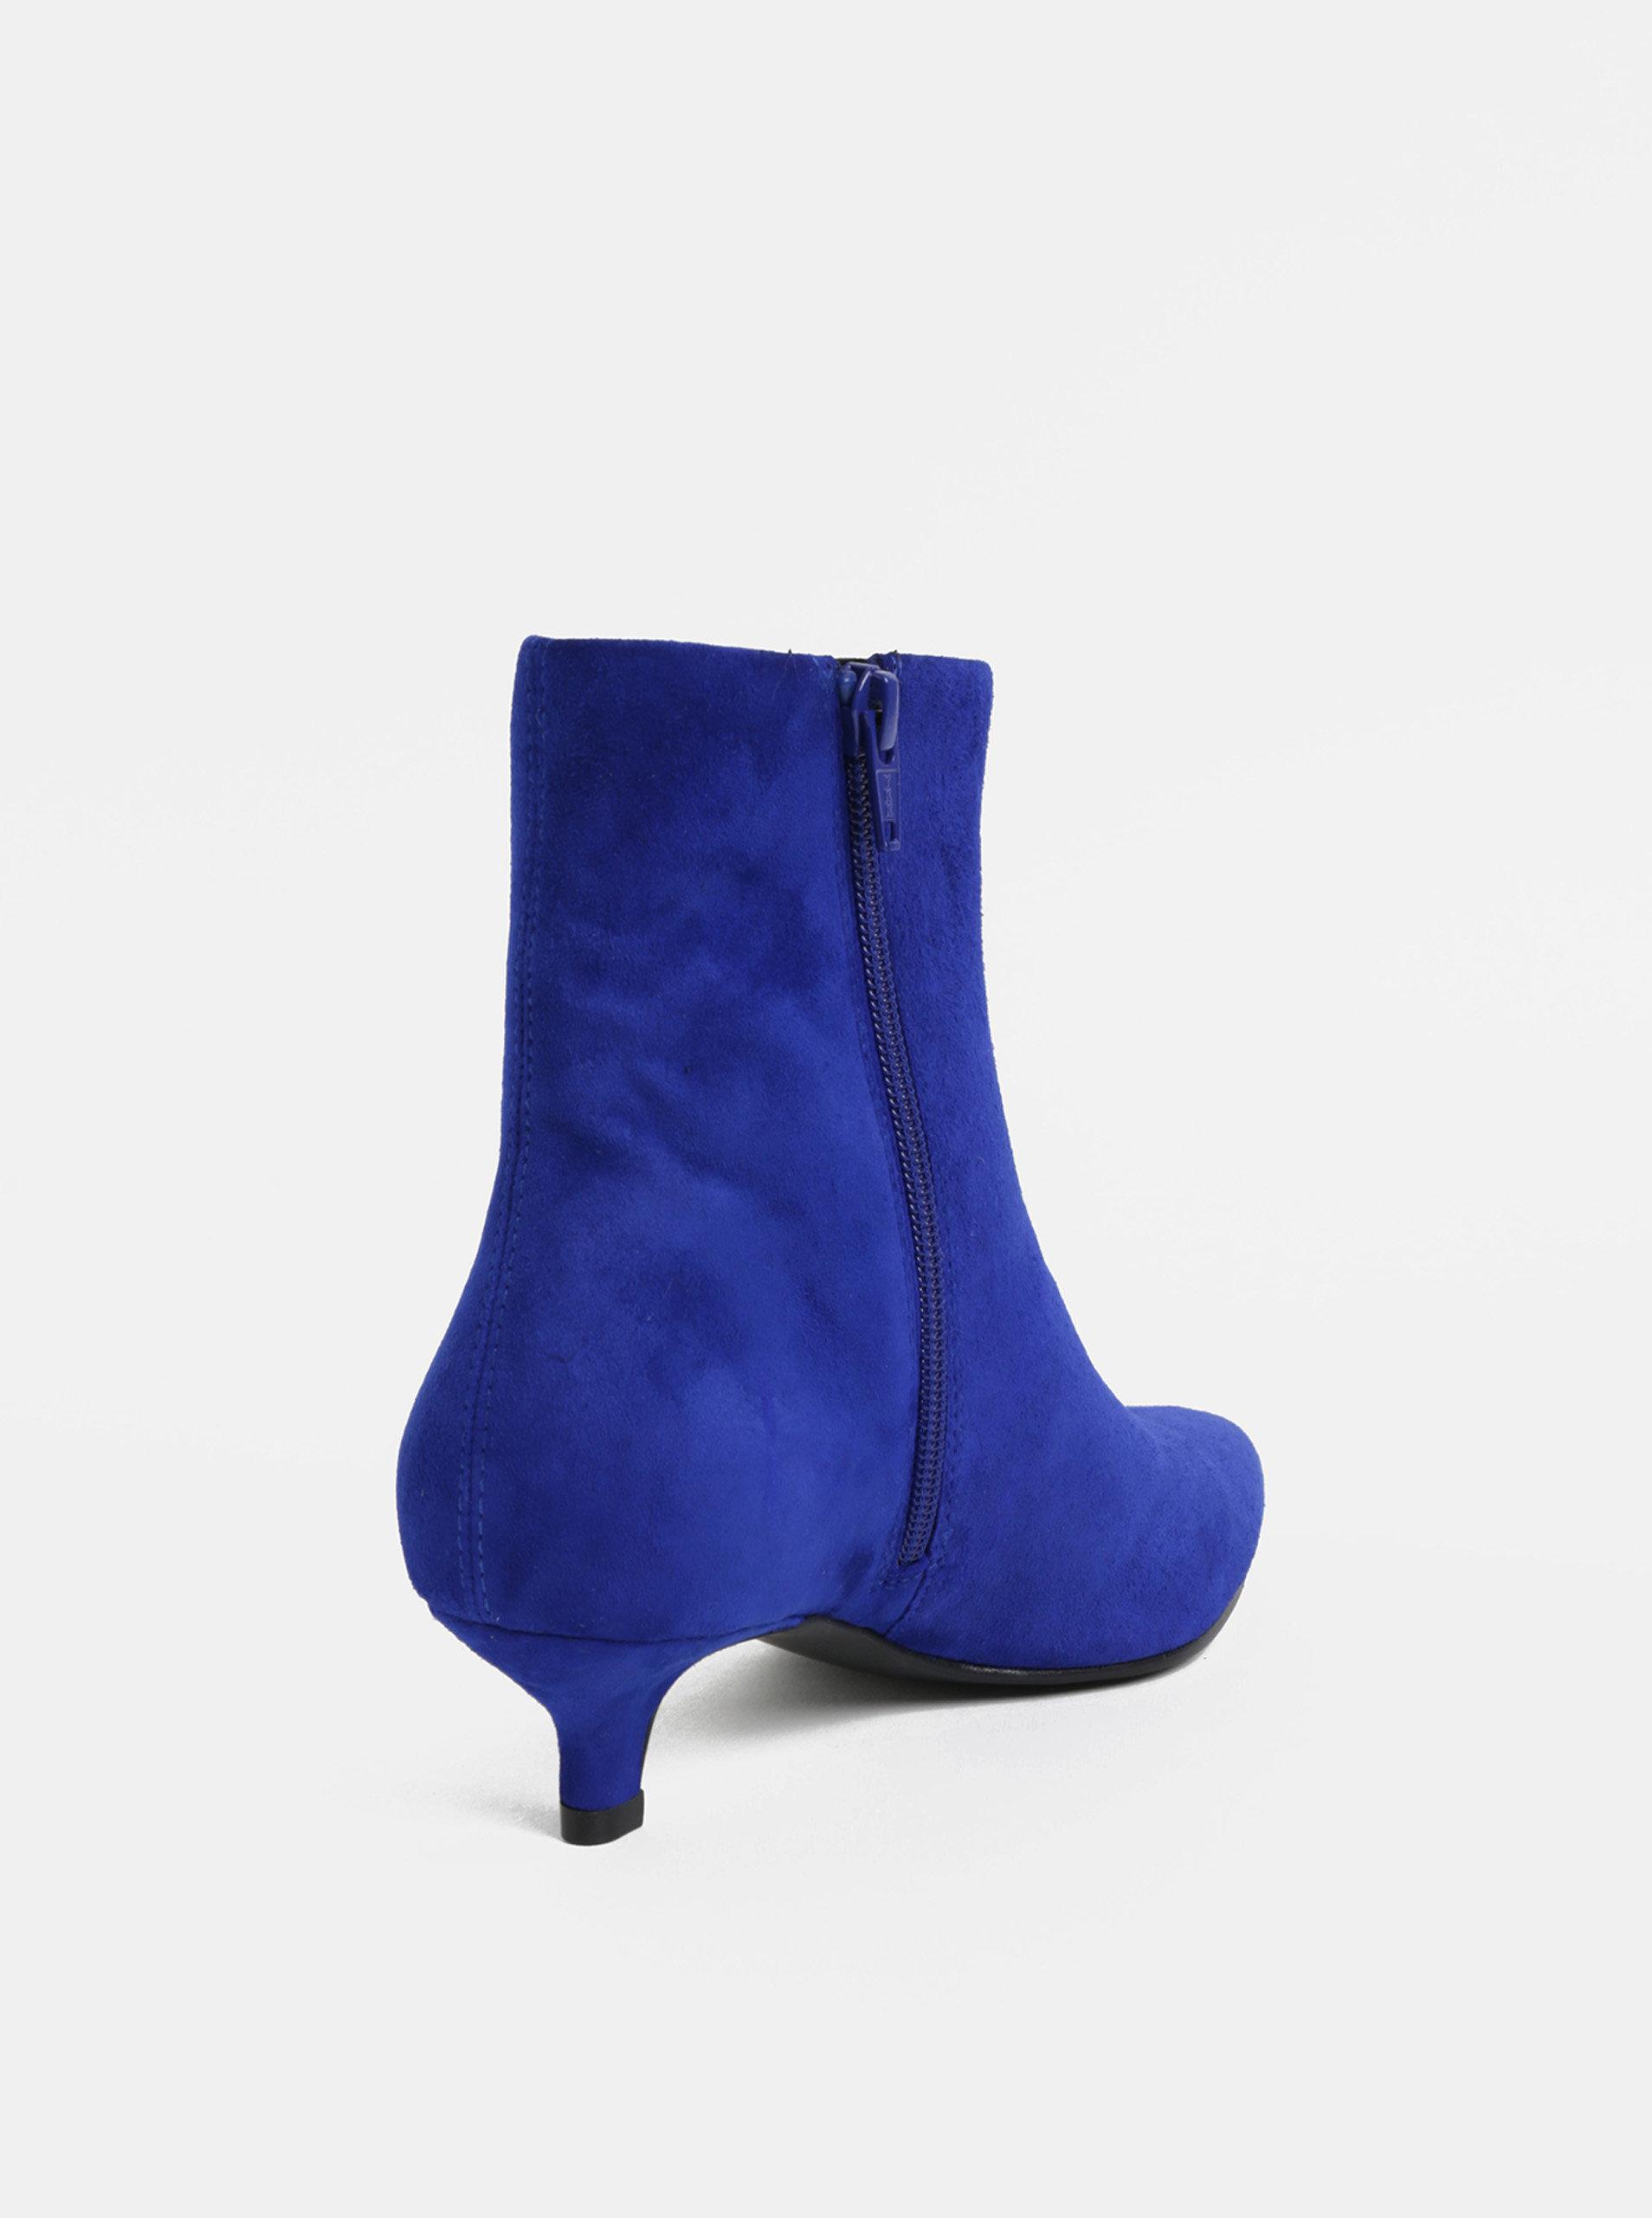 6693316785b9 Modré dámske semišové členkové topánky Vagabond Minna ...